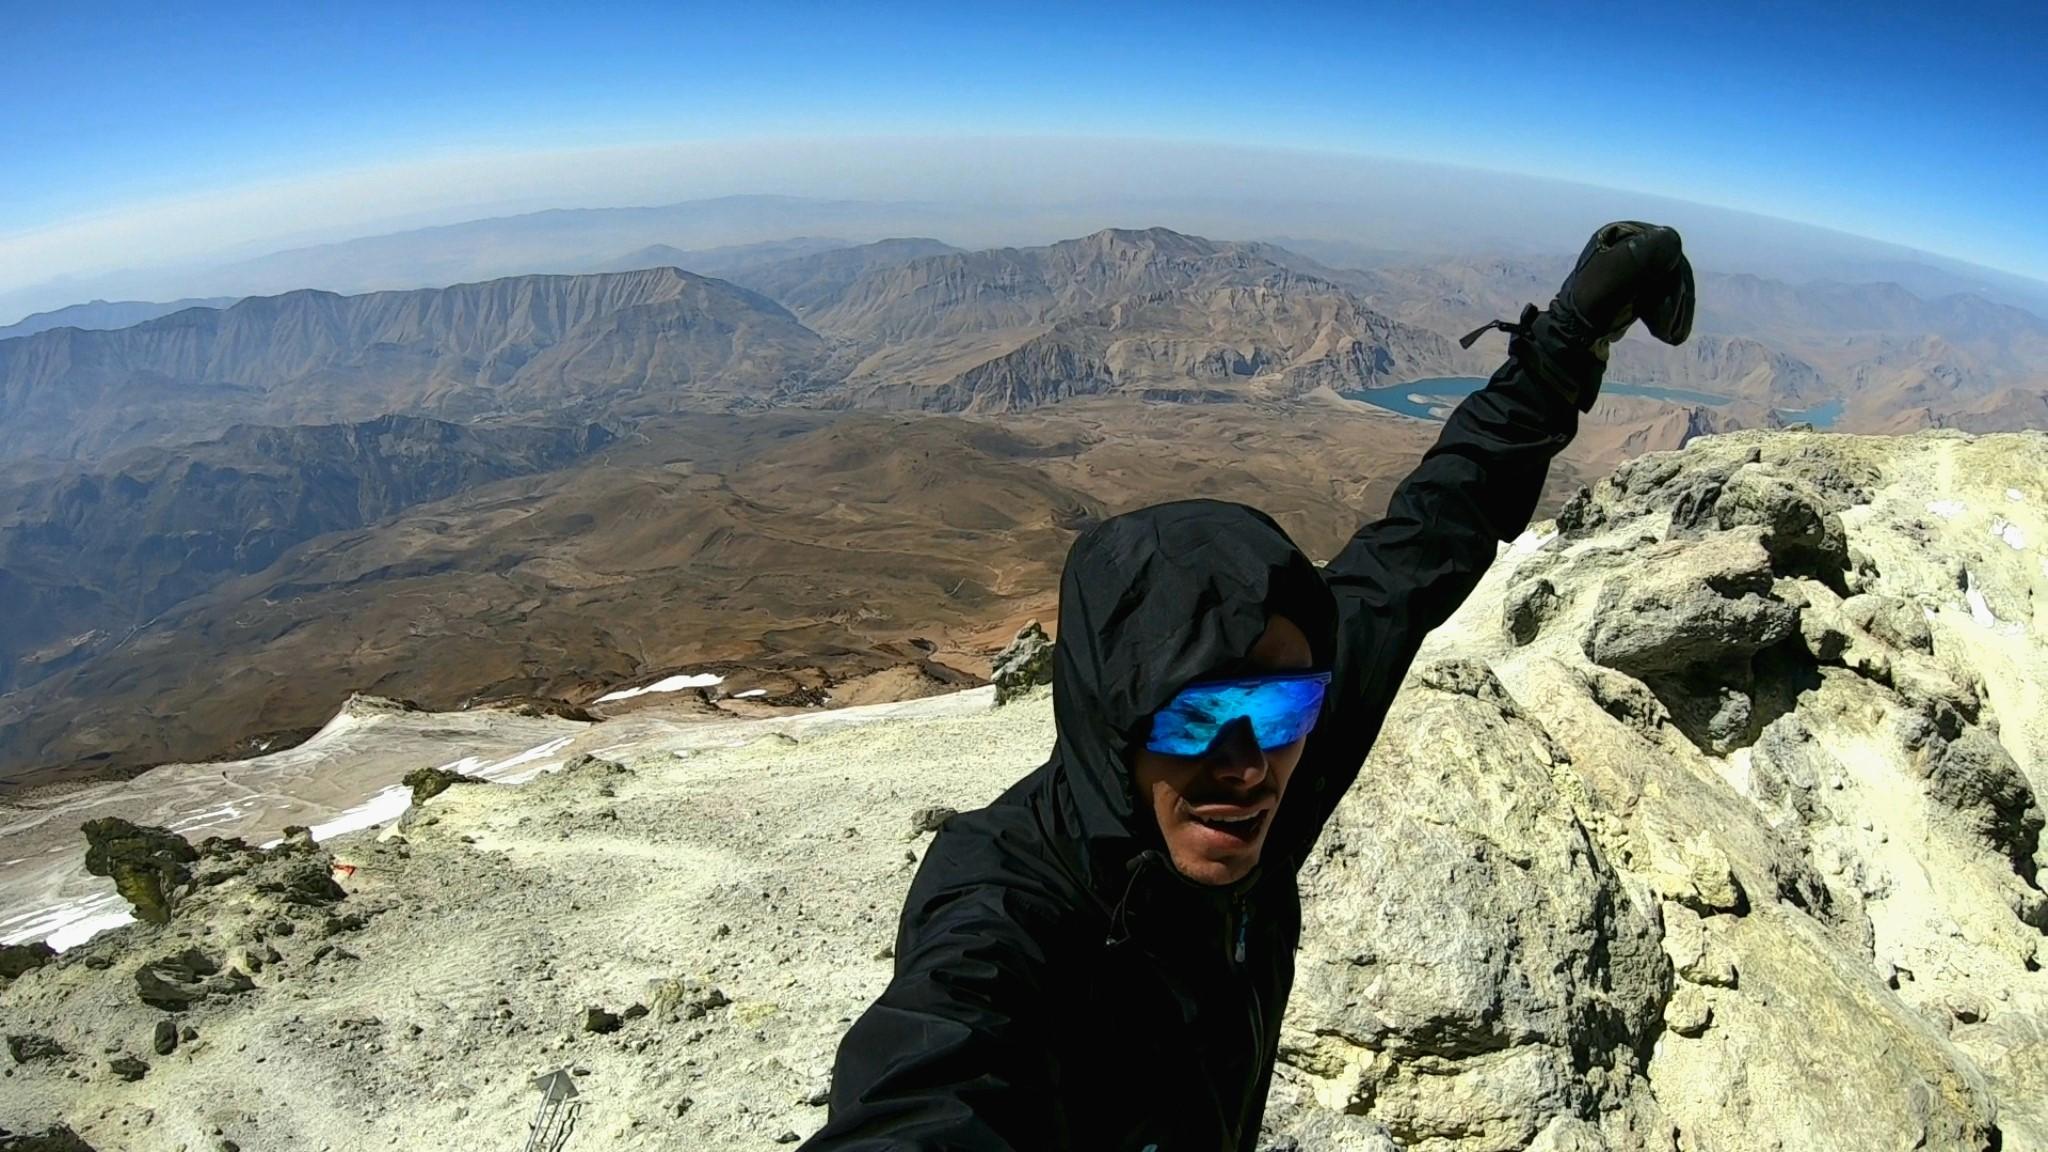 Iranin vuoristo antaa erinomaisen mahdollisuuden paeta kiireisiä työviikkoja kaupungissa. Kiipesin Damavand-tulivuoren (5610 m) päälle syyskuussa. Kuva: Mikko Kangas